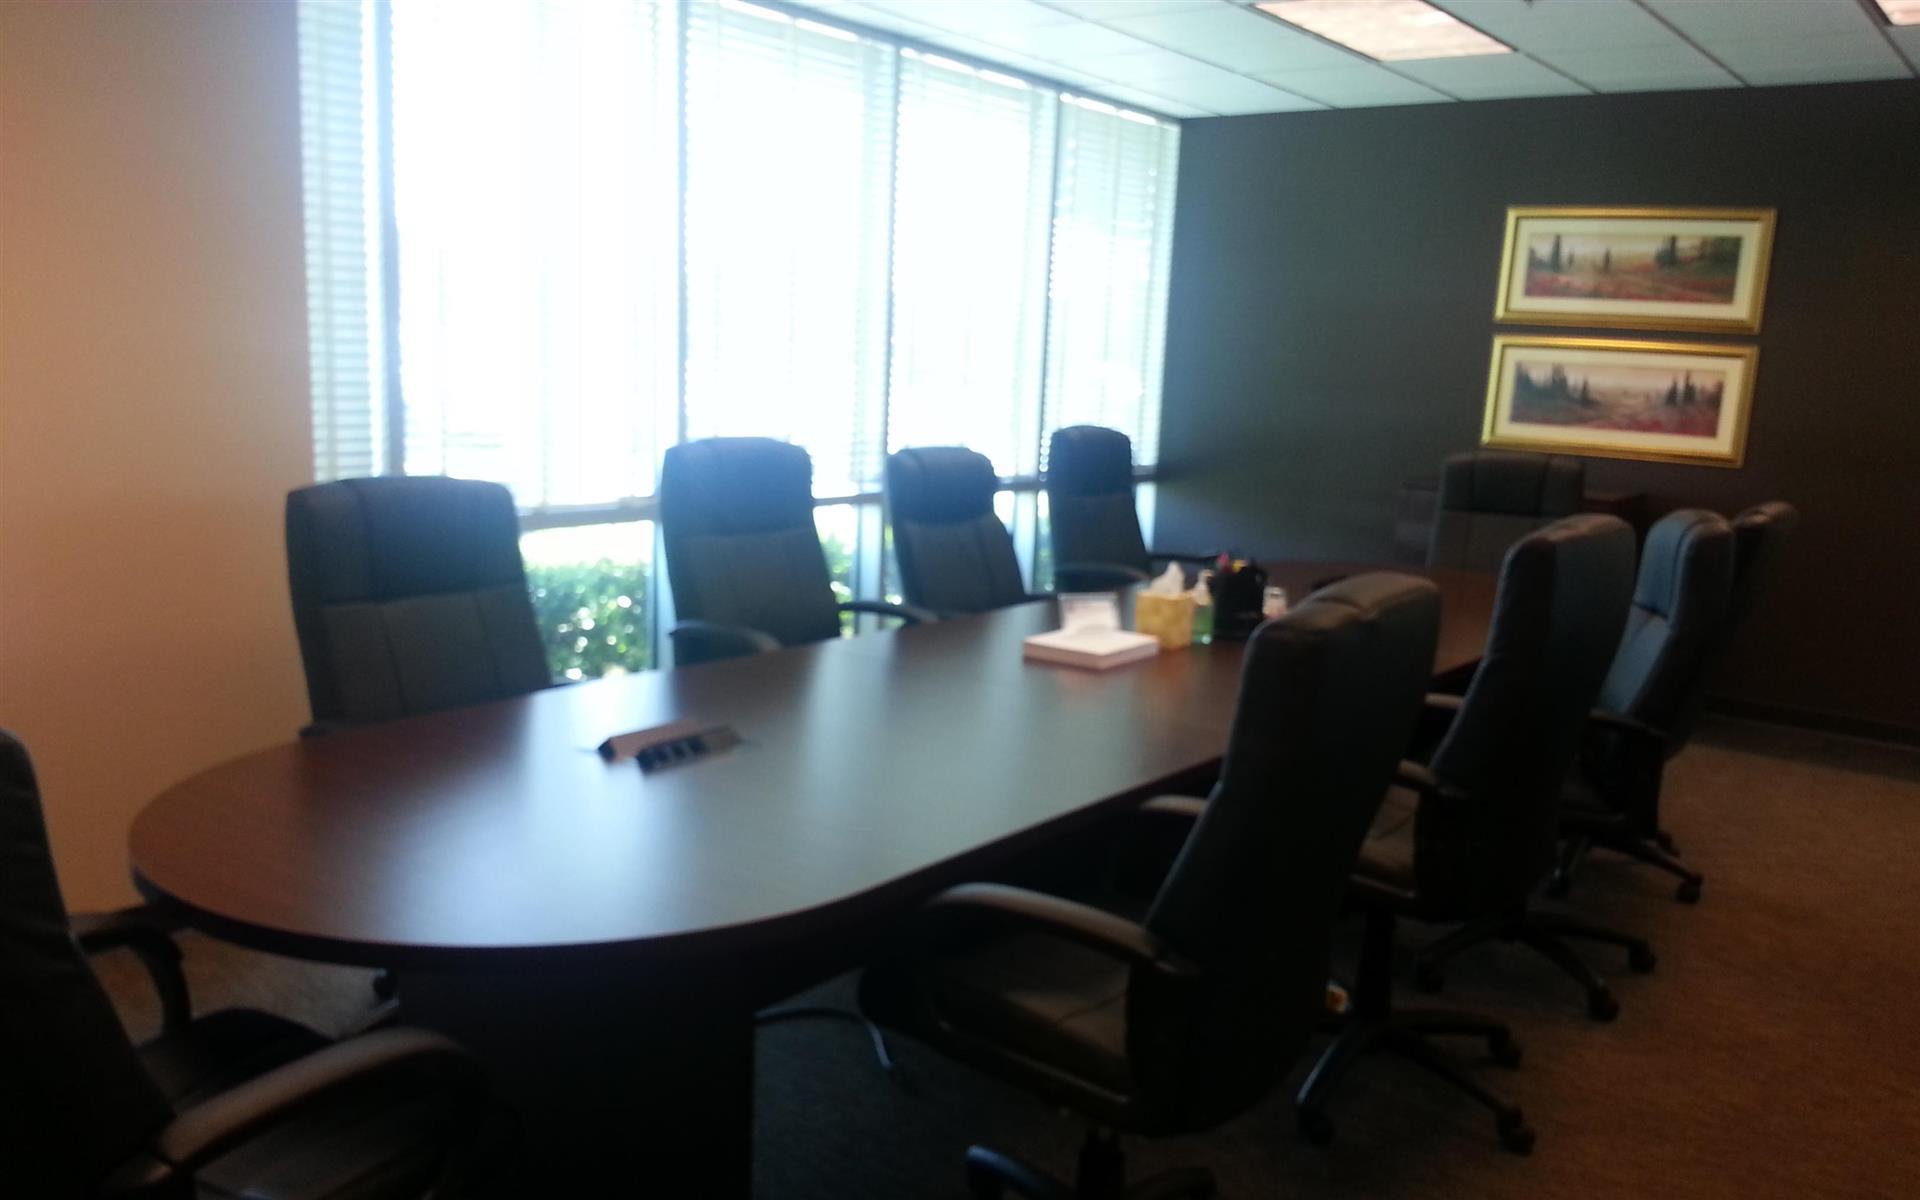 Huseby Inc. - Conference Room/Flexible Workroom 4